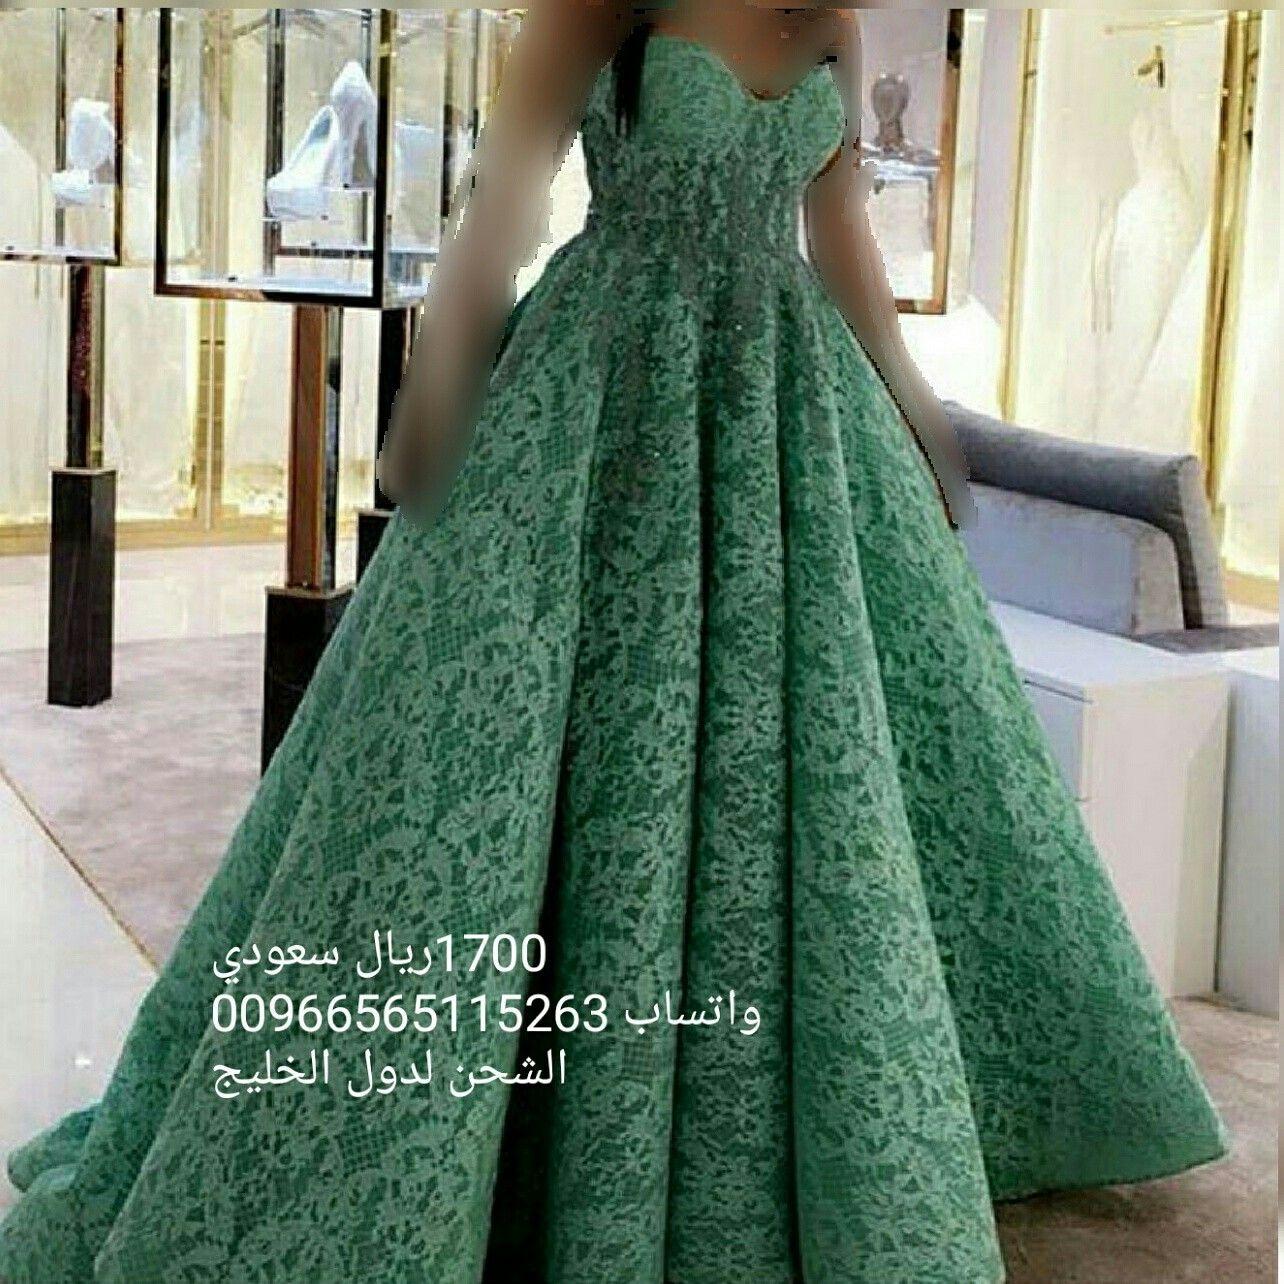 اجمل فساتين الزفاف والسهرة عند متجر توفا خامات ممتازة وشغل مرتب ونظيف والسعر مناسب جدااا لكل البنات الفستان معاه طرح Formal Dresses Long Formal Dresses Dresses